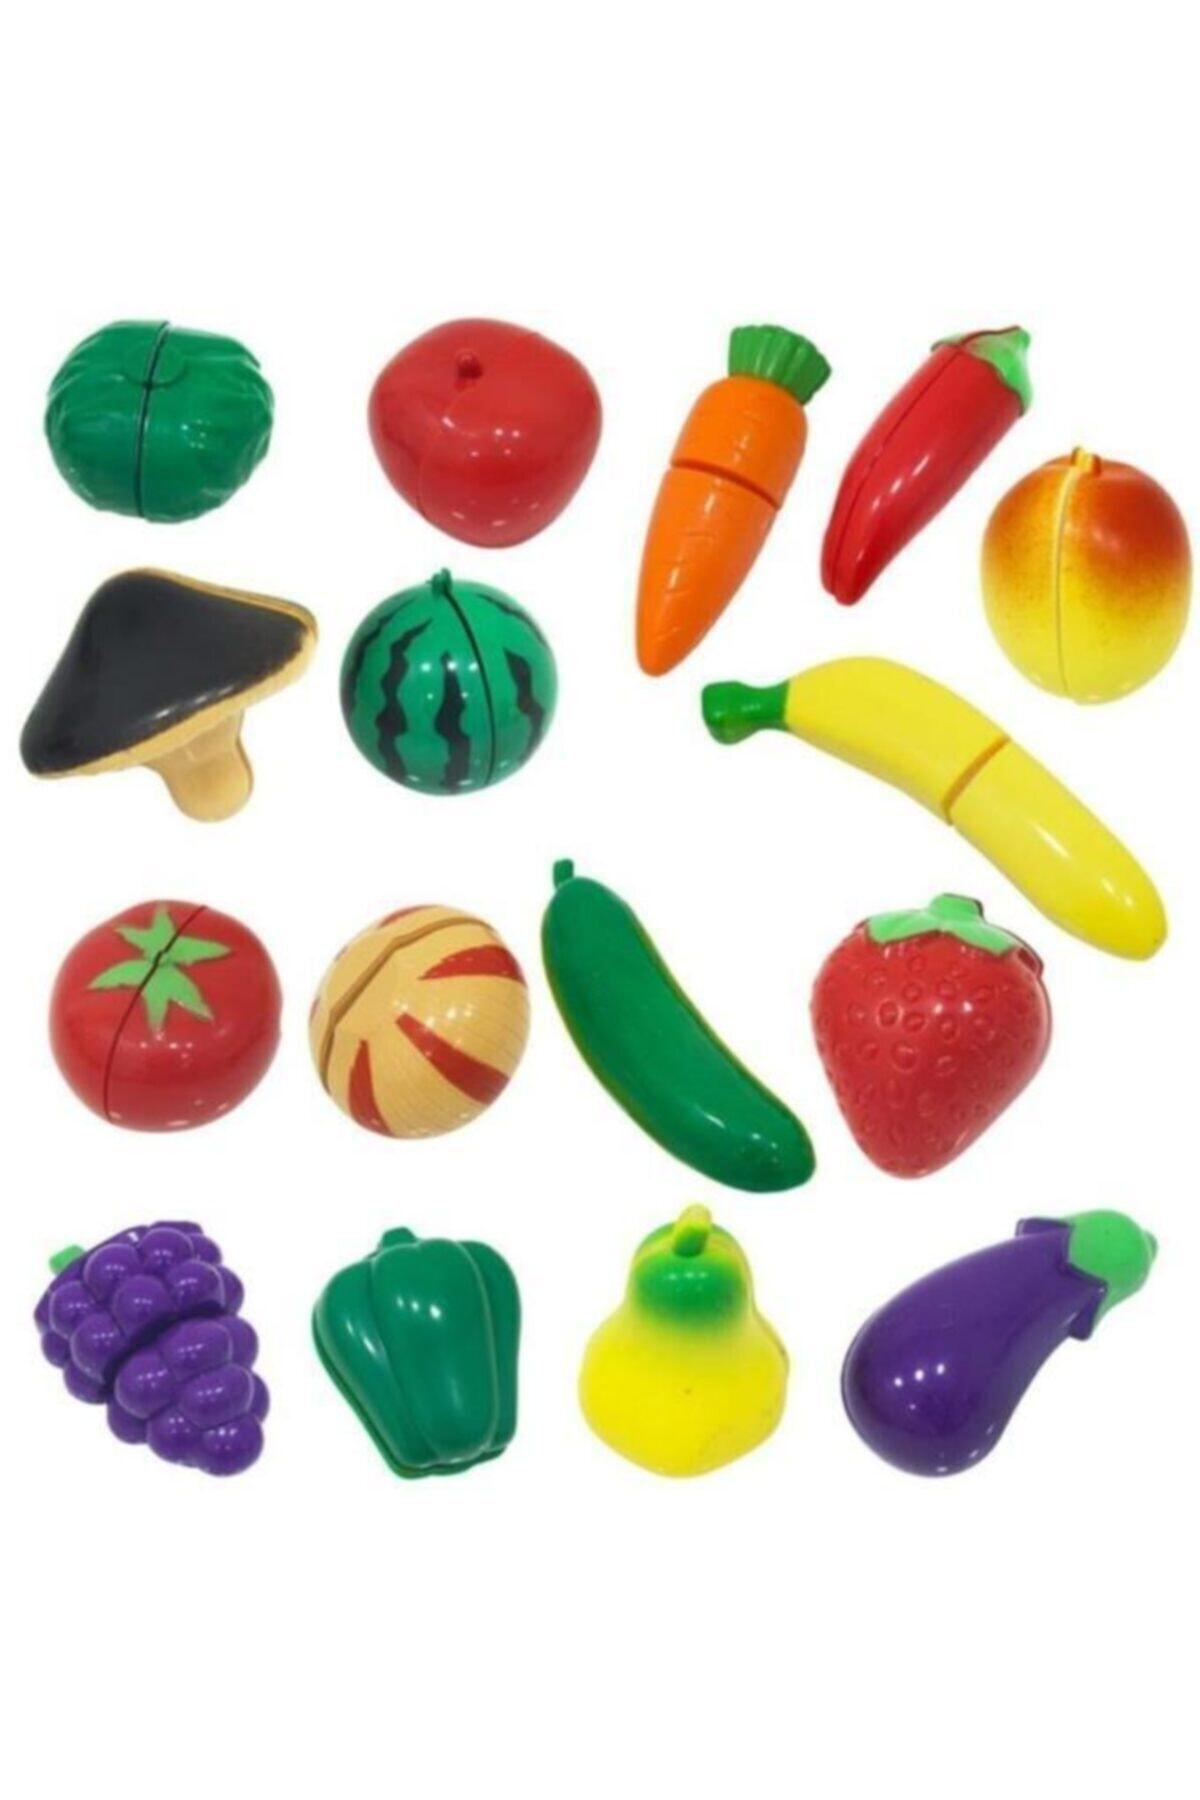 SmartFox Birlik Oyuncak 41 Parça Oyuncak Meyve Sebze Kesme Seti 2